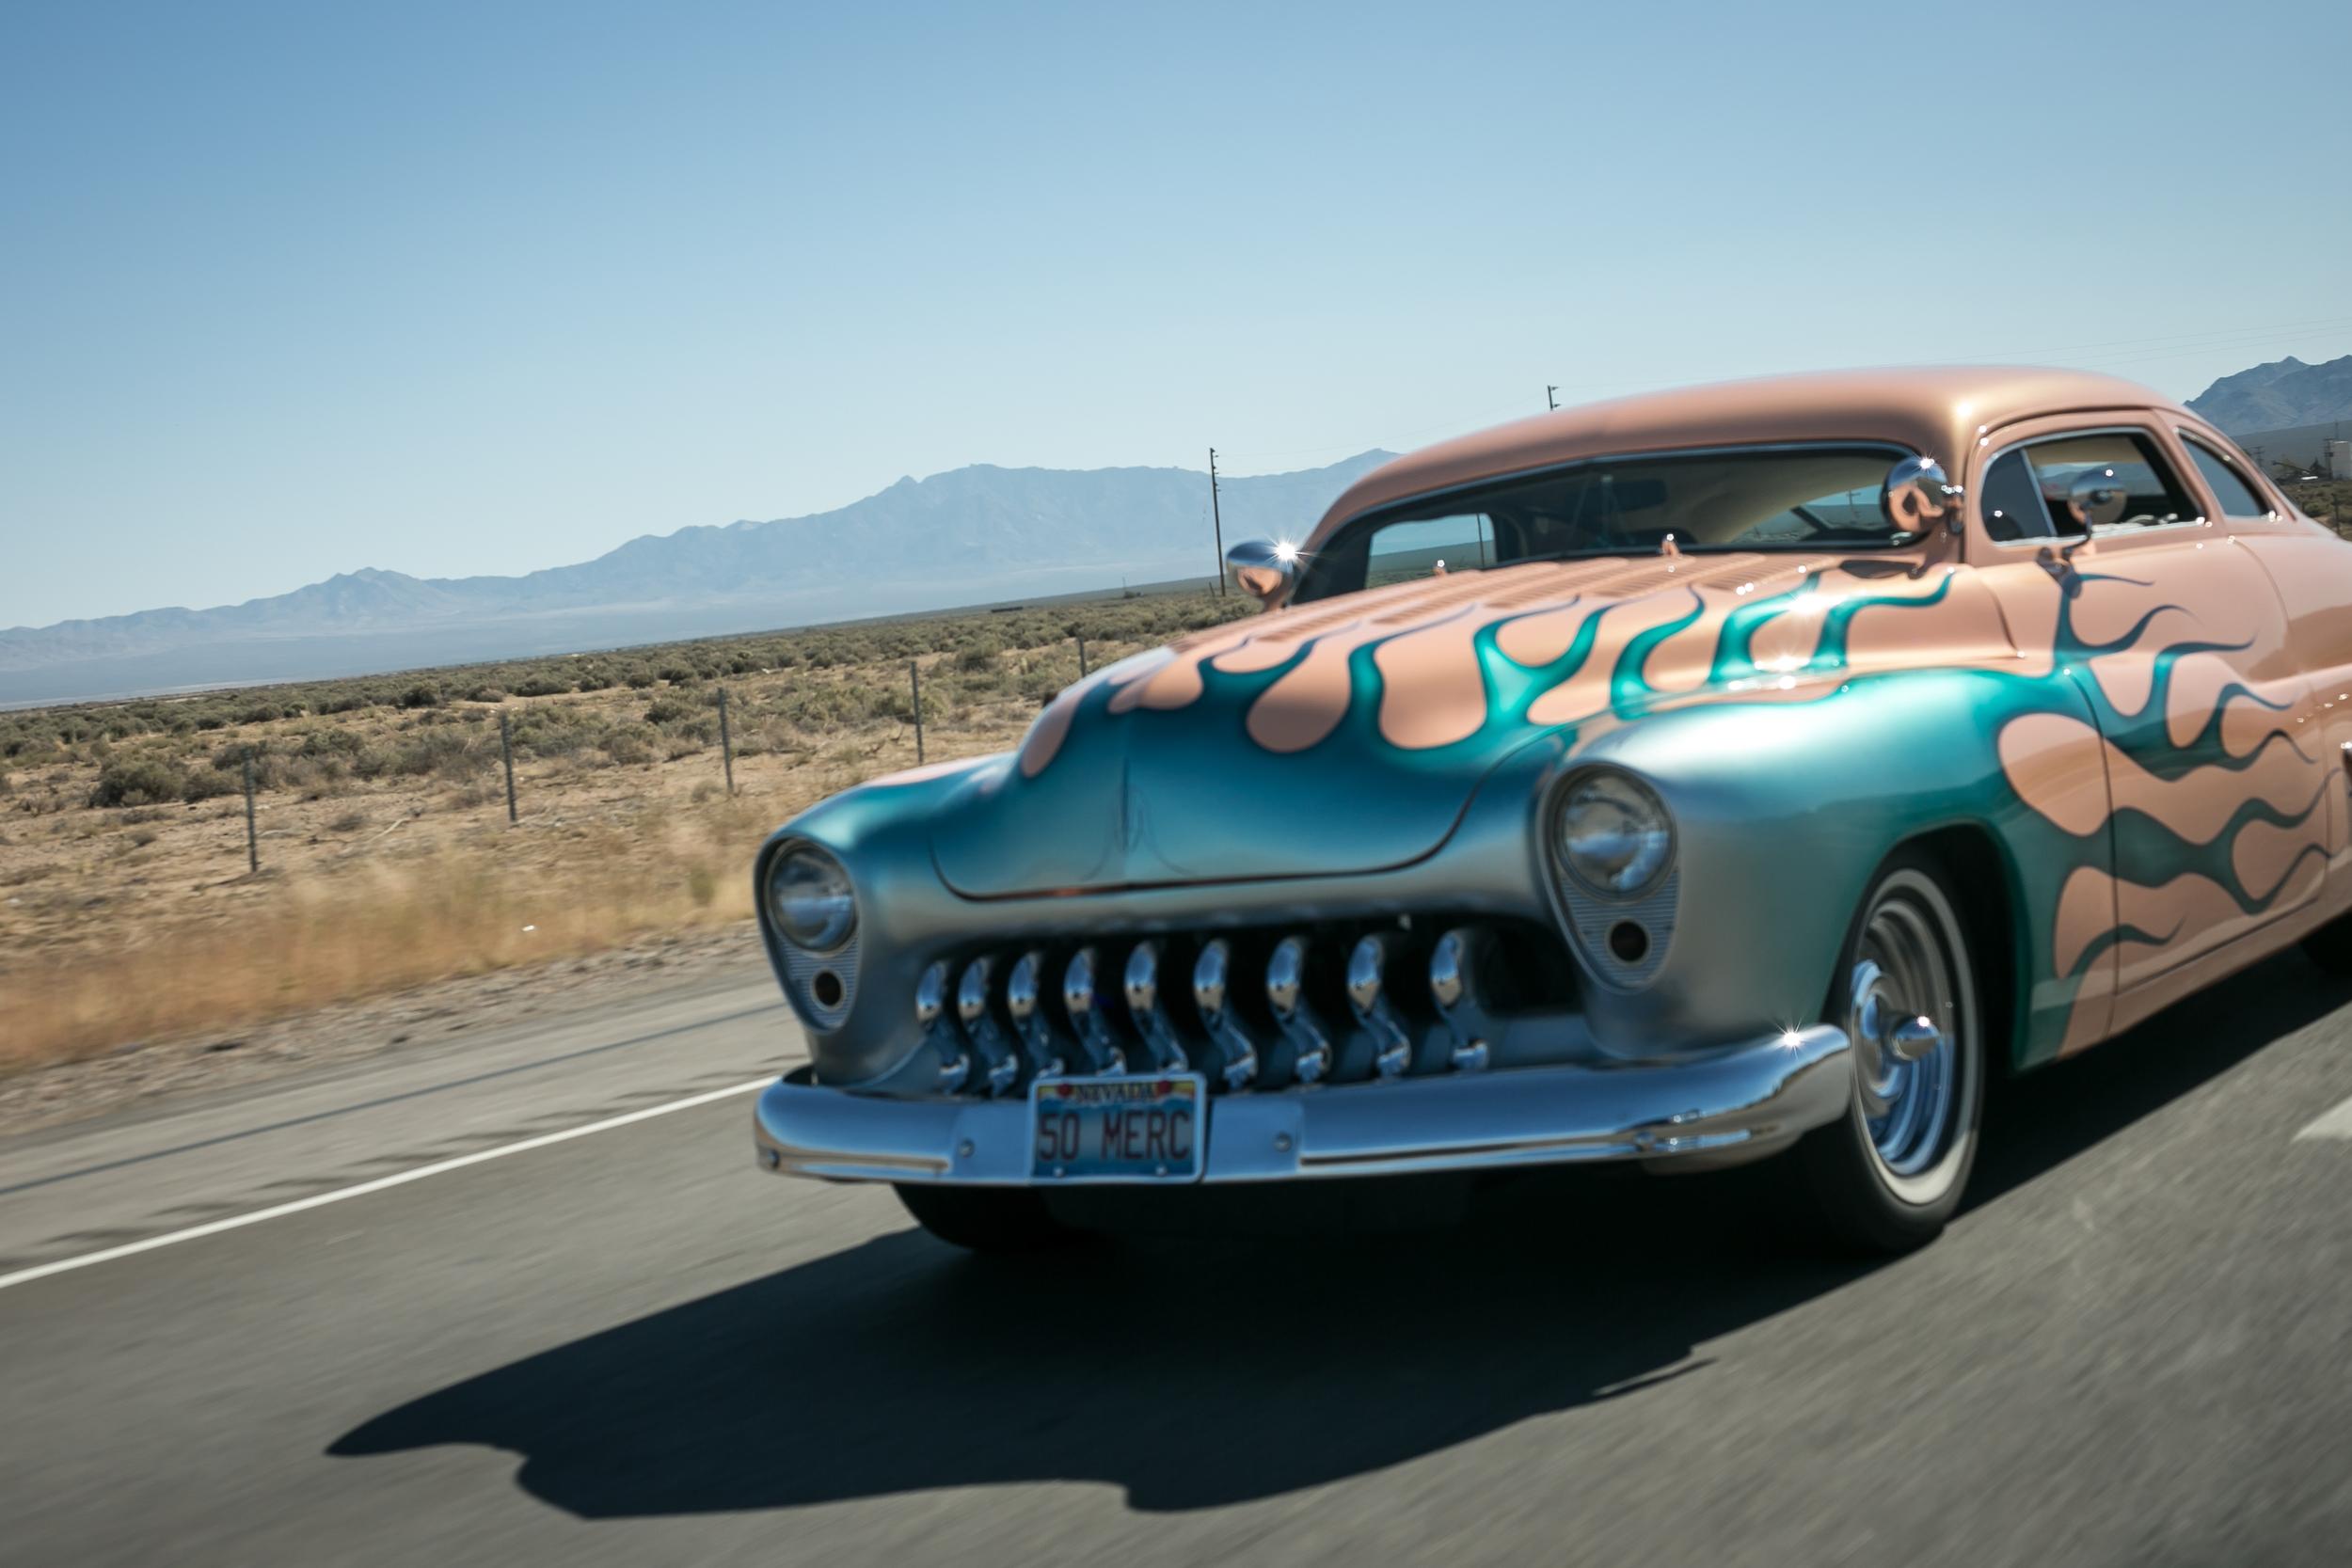 Hot Rod, Reno. Nevada.